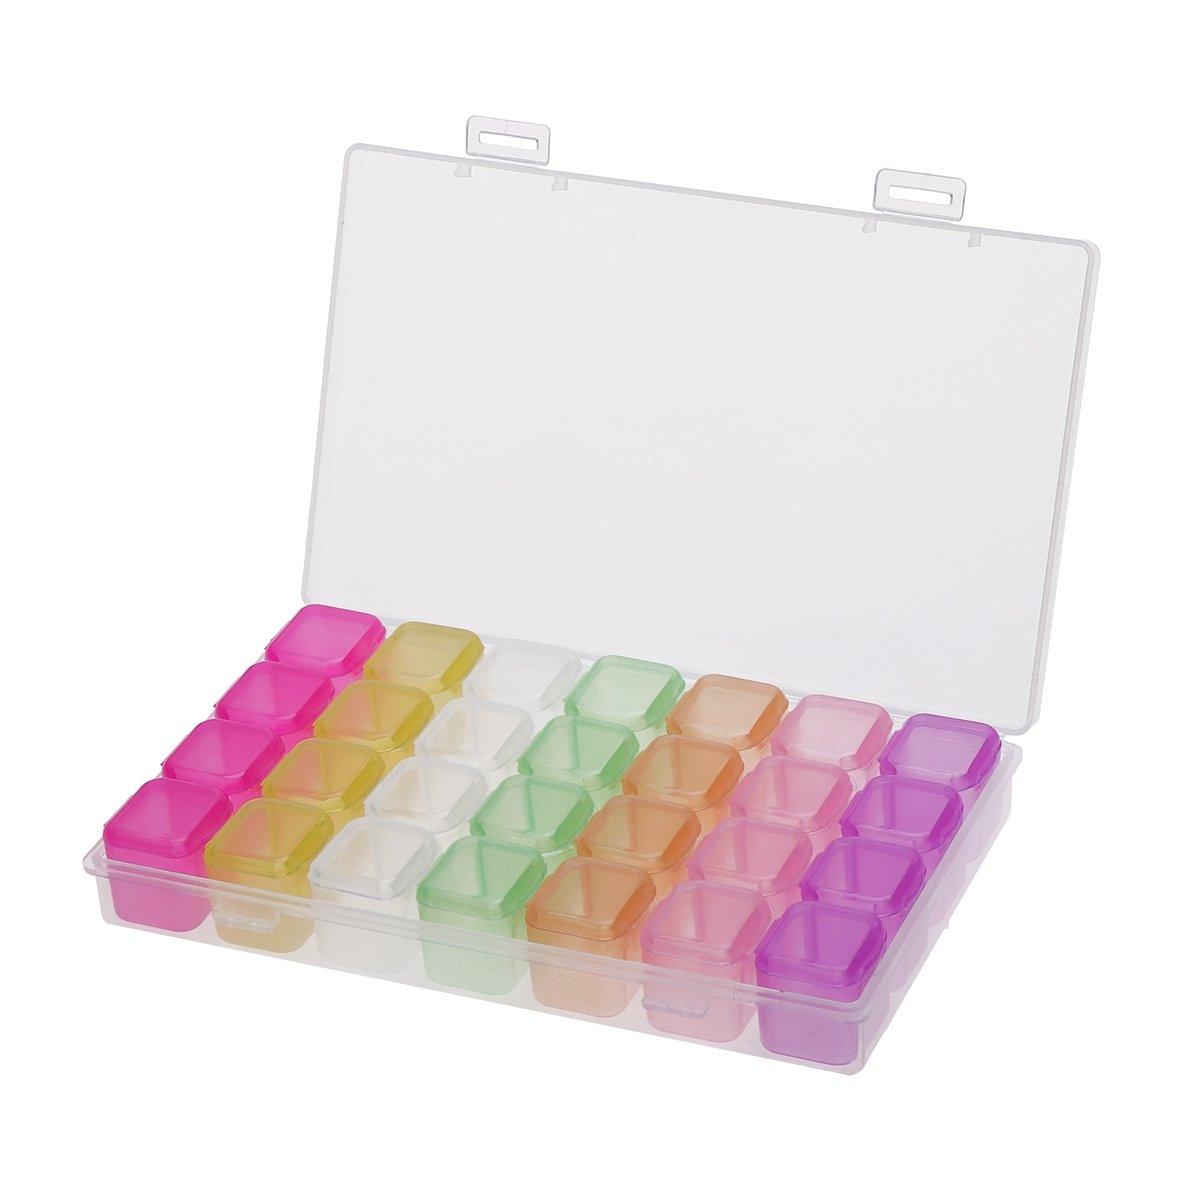 Caja de almacenamiento OUNONA, para joyas de plástico con separadores extraíbles, para anillos, collares, pendientes (Multicolor): Amazon.es: Juguetes y juegos